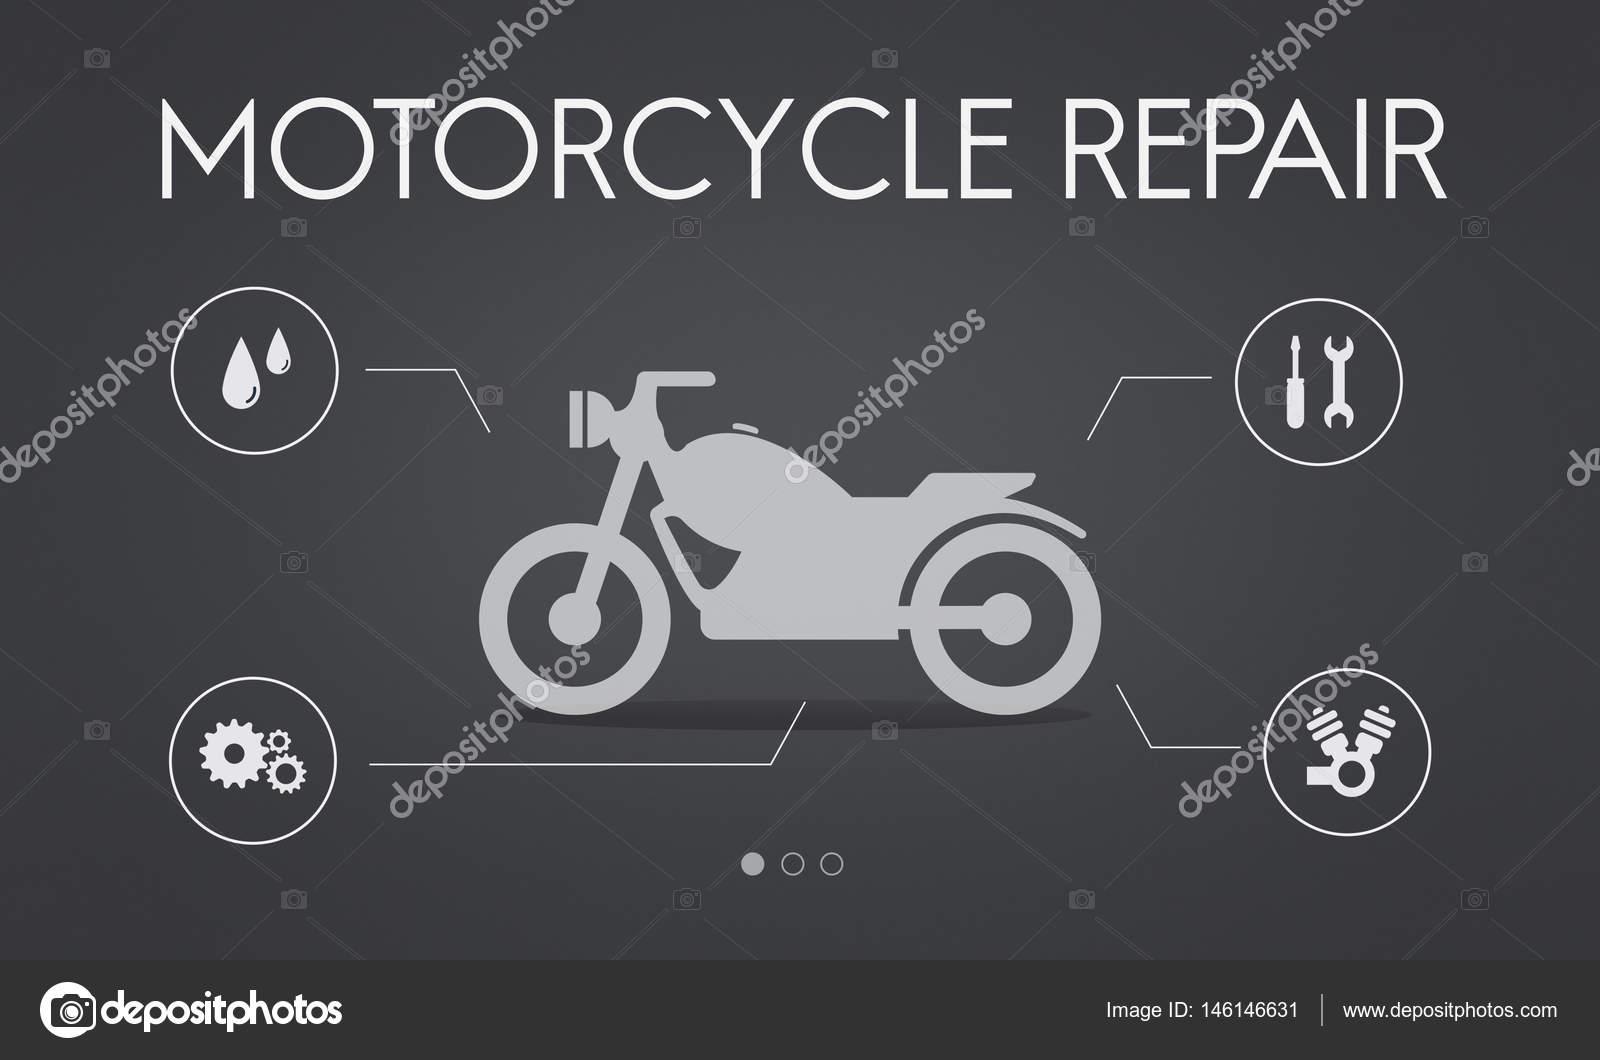 Vorlage mit Motorrad-Reparatur-Konzept — Stockfoto © Rawpixel #146146631